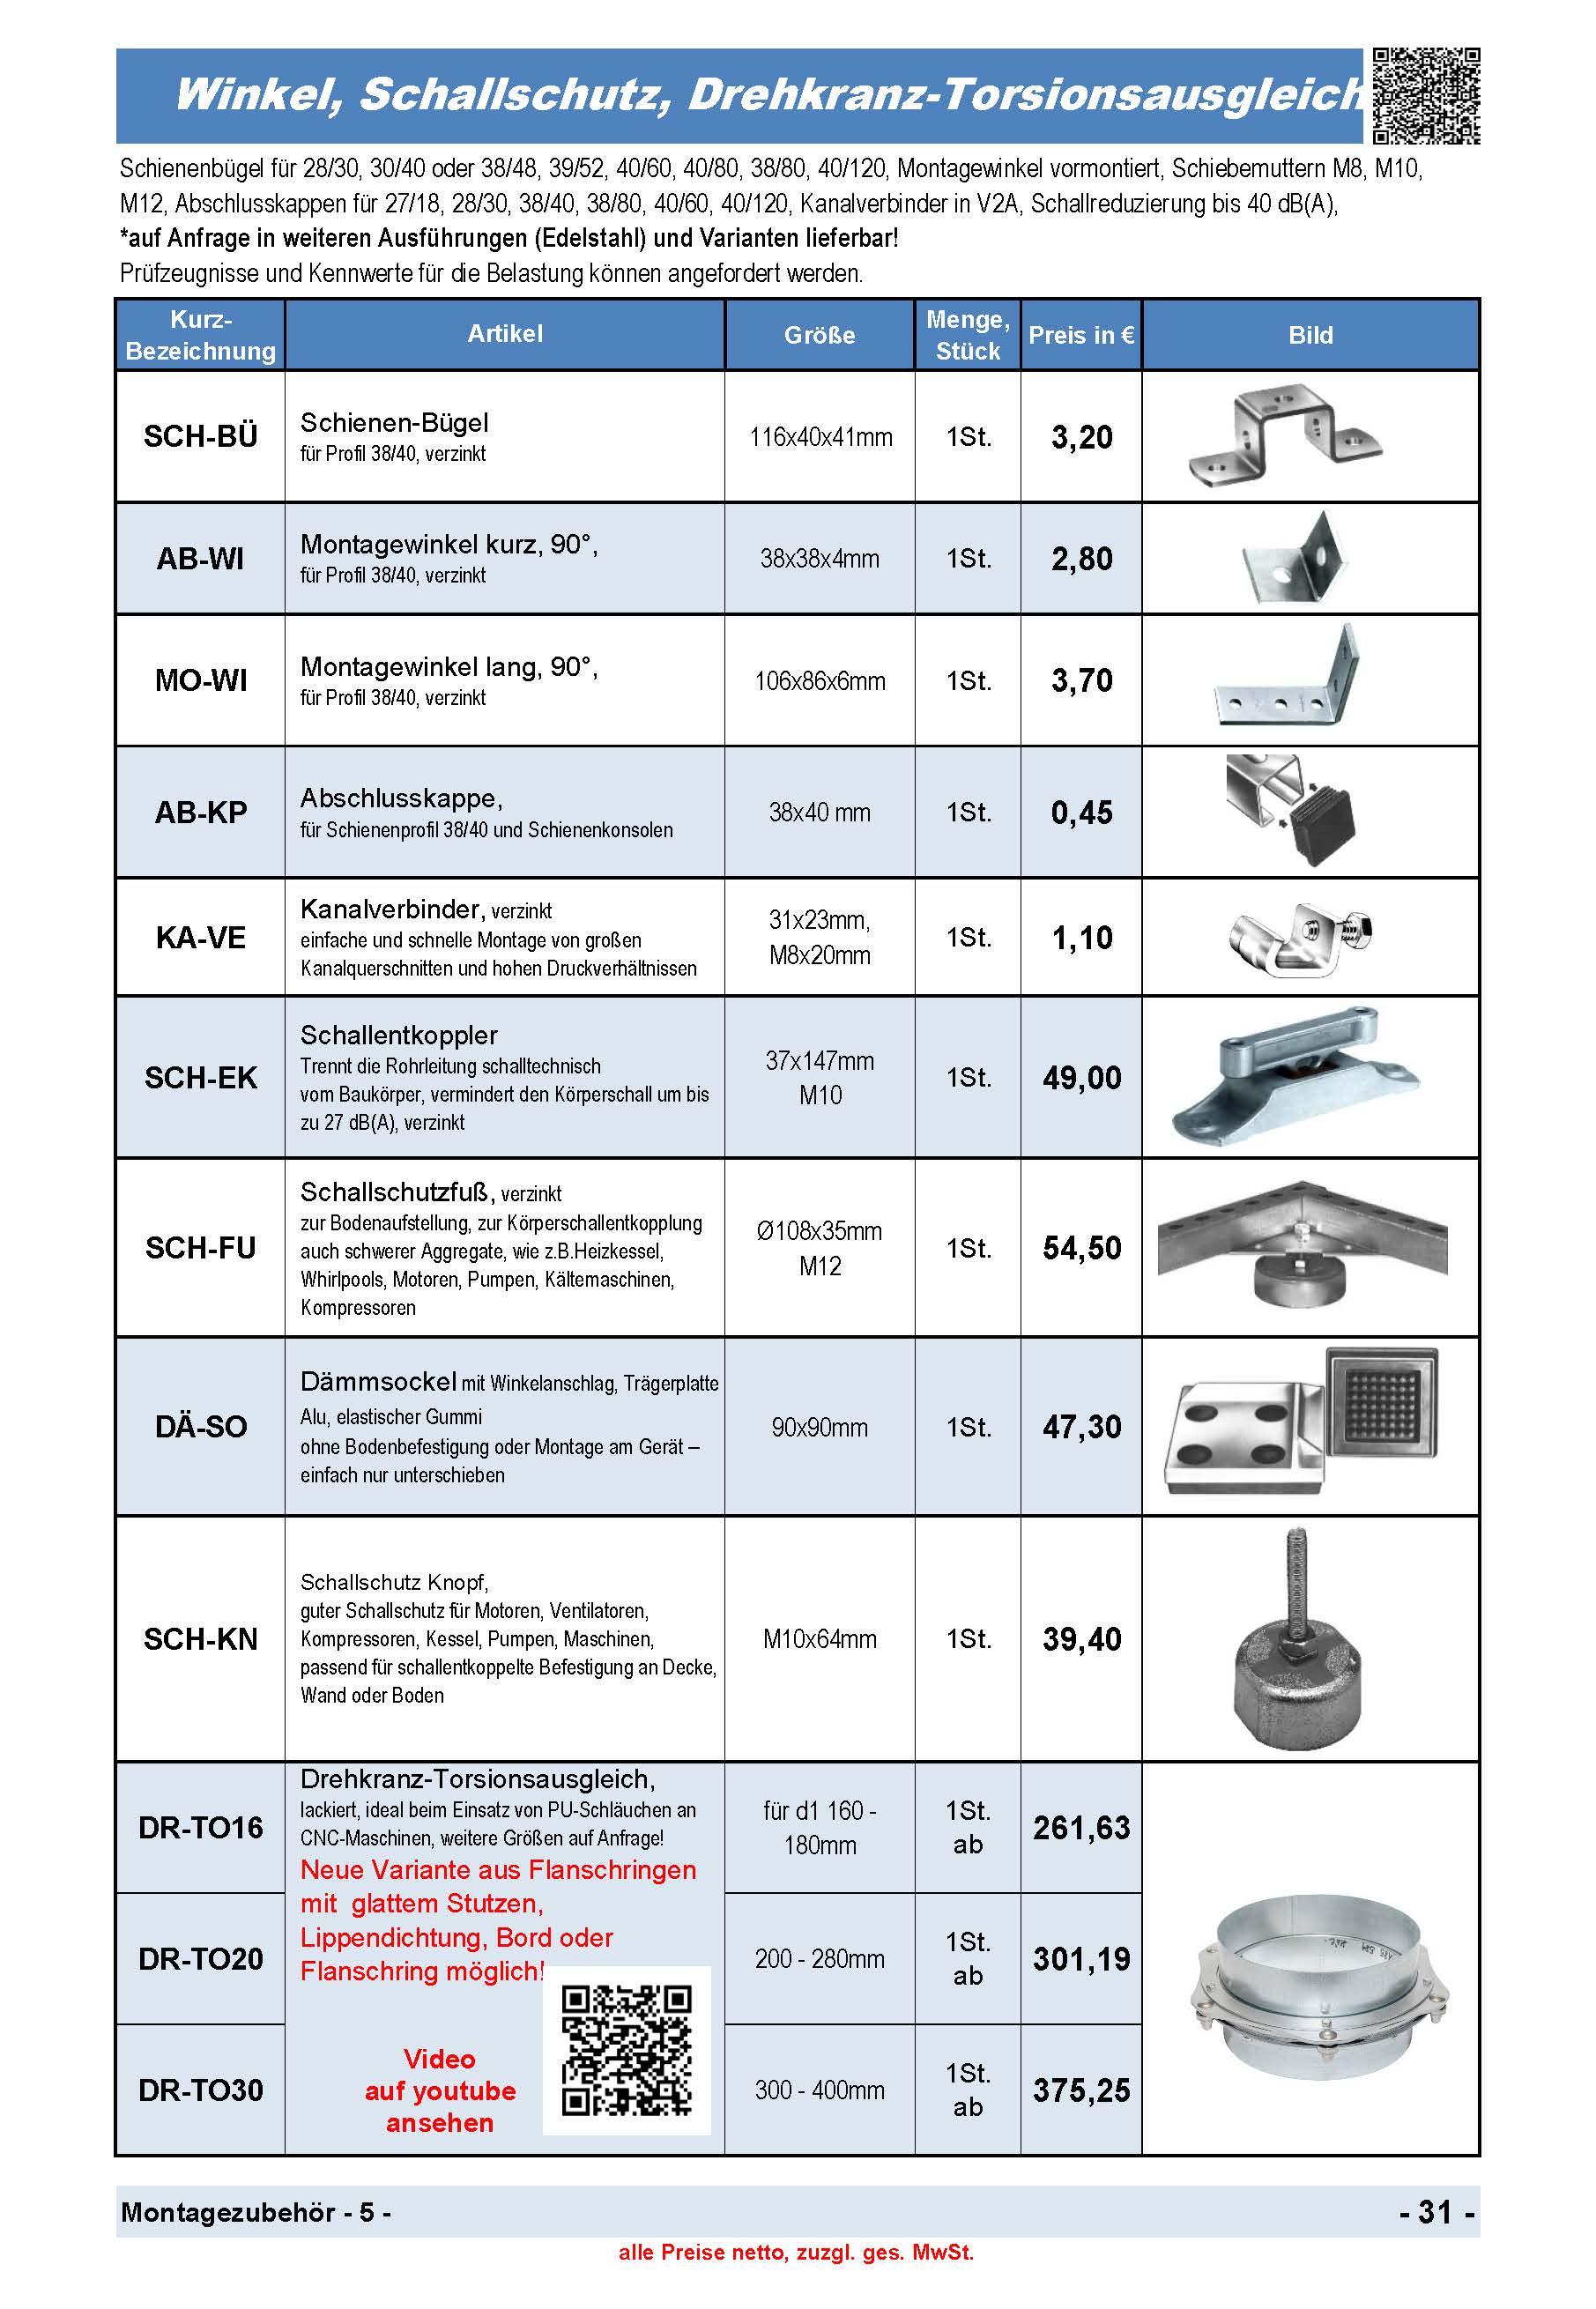 Schienen-Bügel, Montagewinkel , Kanalverbinder, Schallschutz Fuß, Dämmsockel, Schallschutz Knopf, Drehkranz-Torsionsausgleich